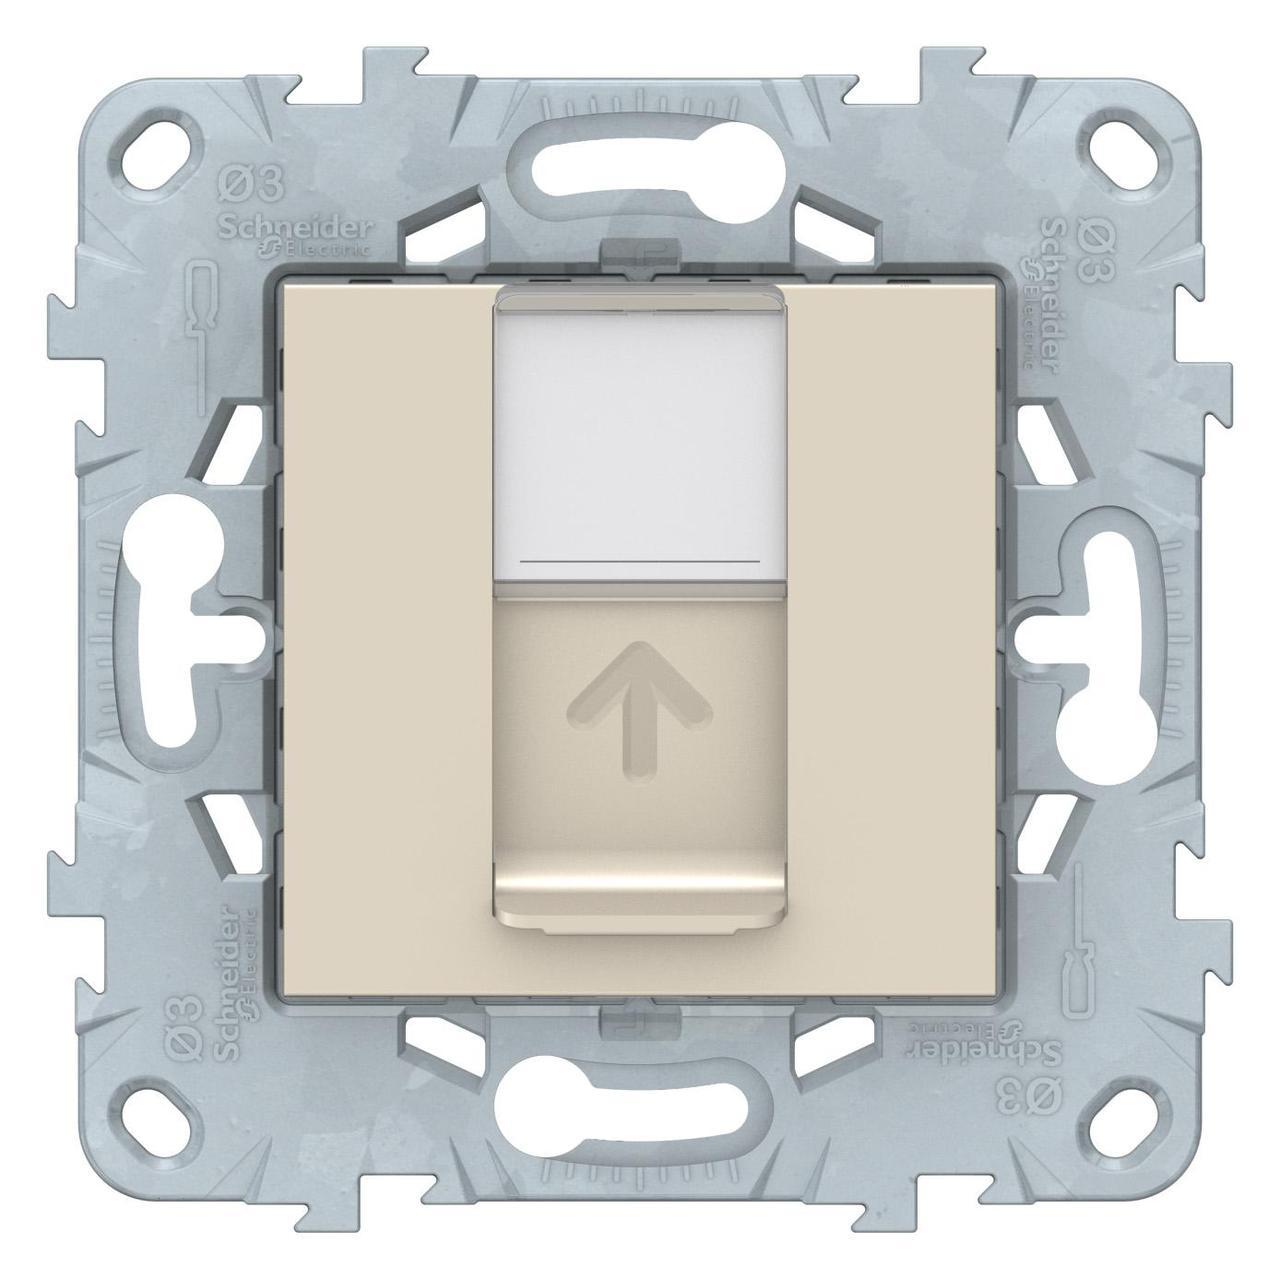 Розетка компьютерная 1-ая кат.6, RJ-45 (интернет) , Бежевый, серия Unica New, Schneider Electric